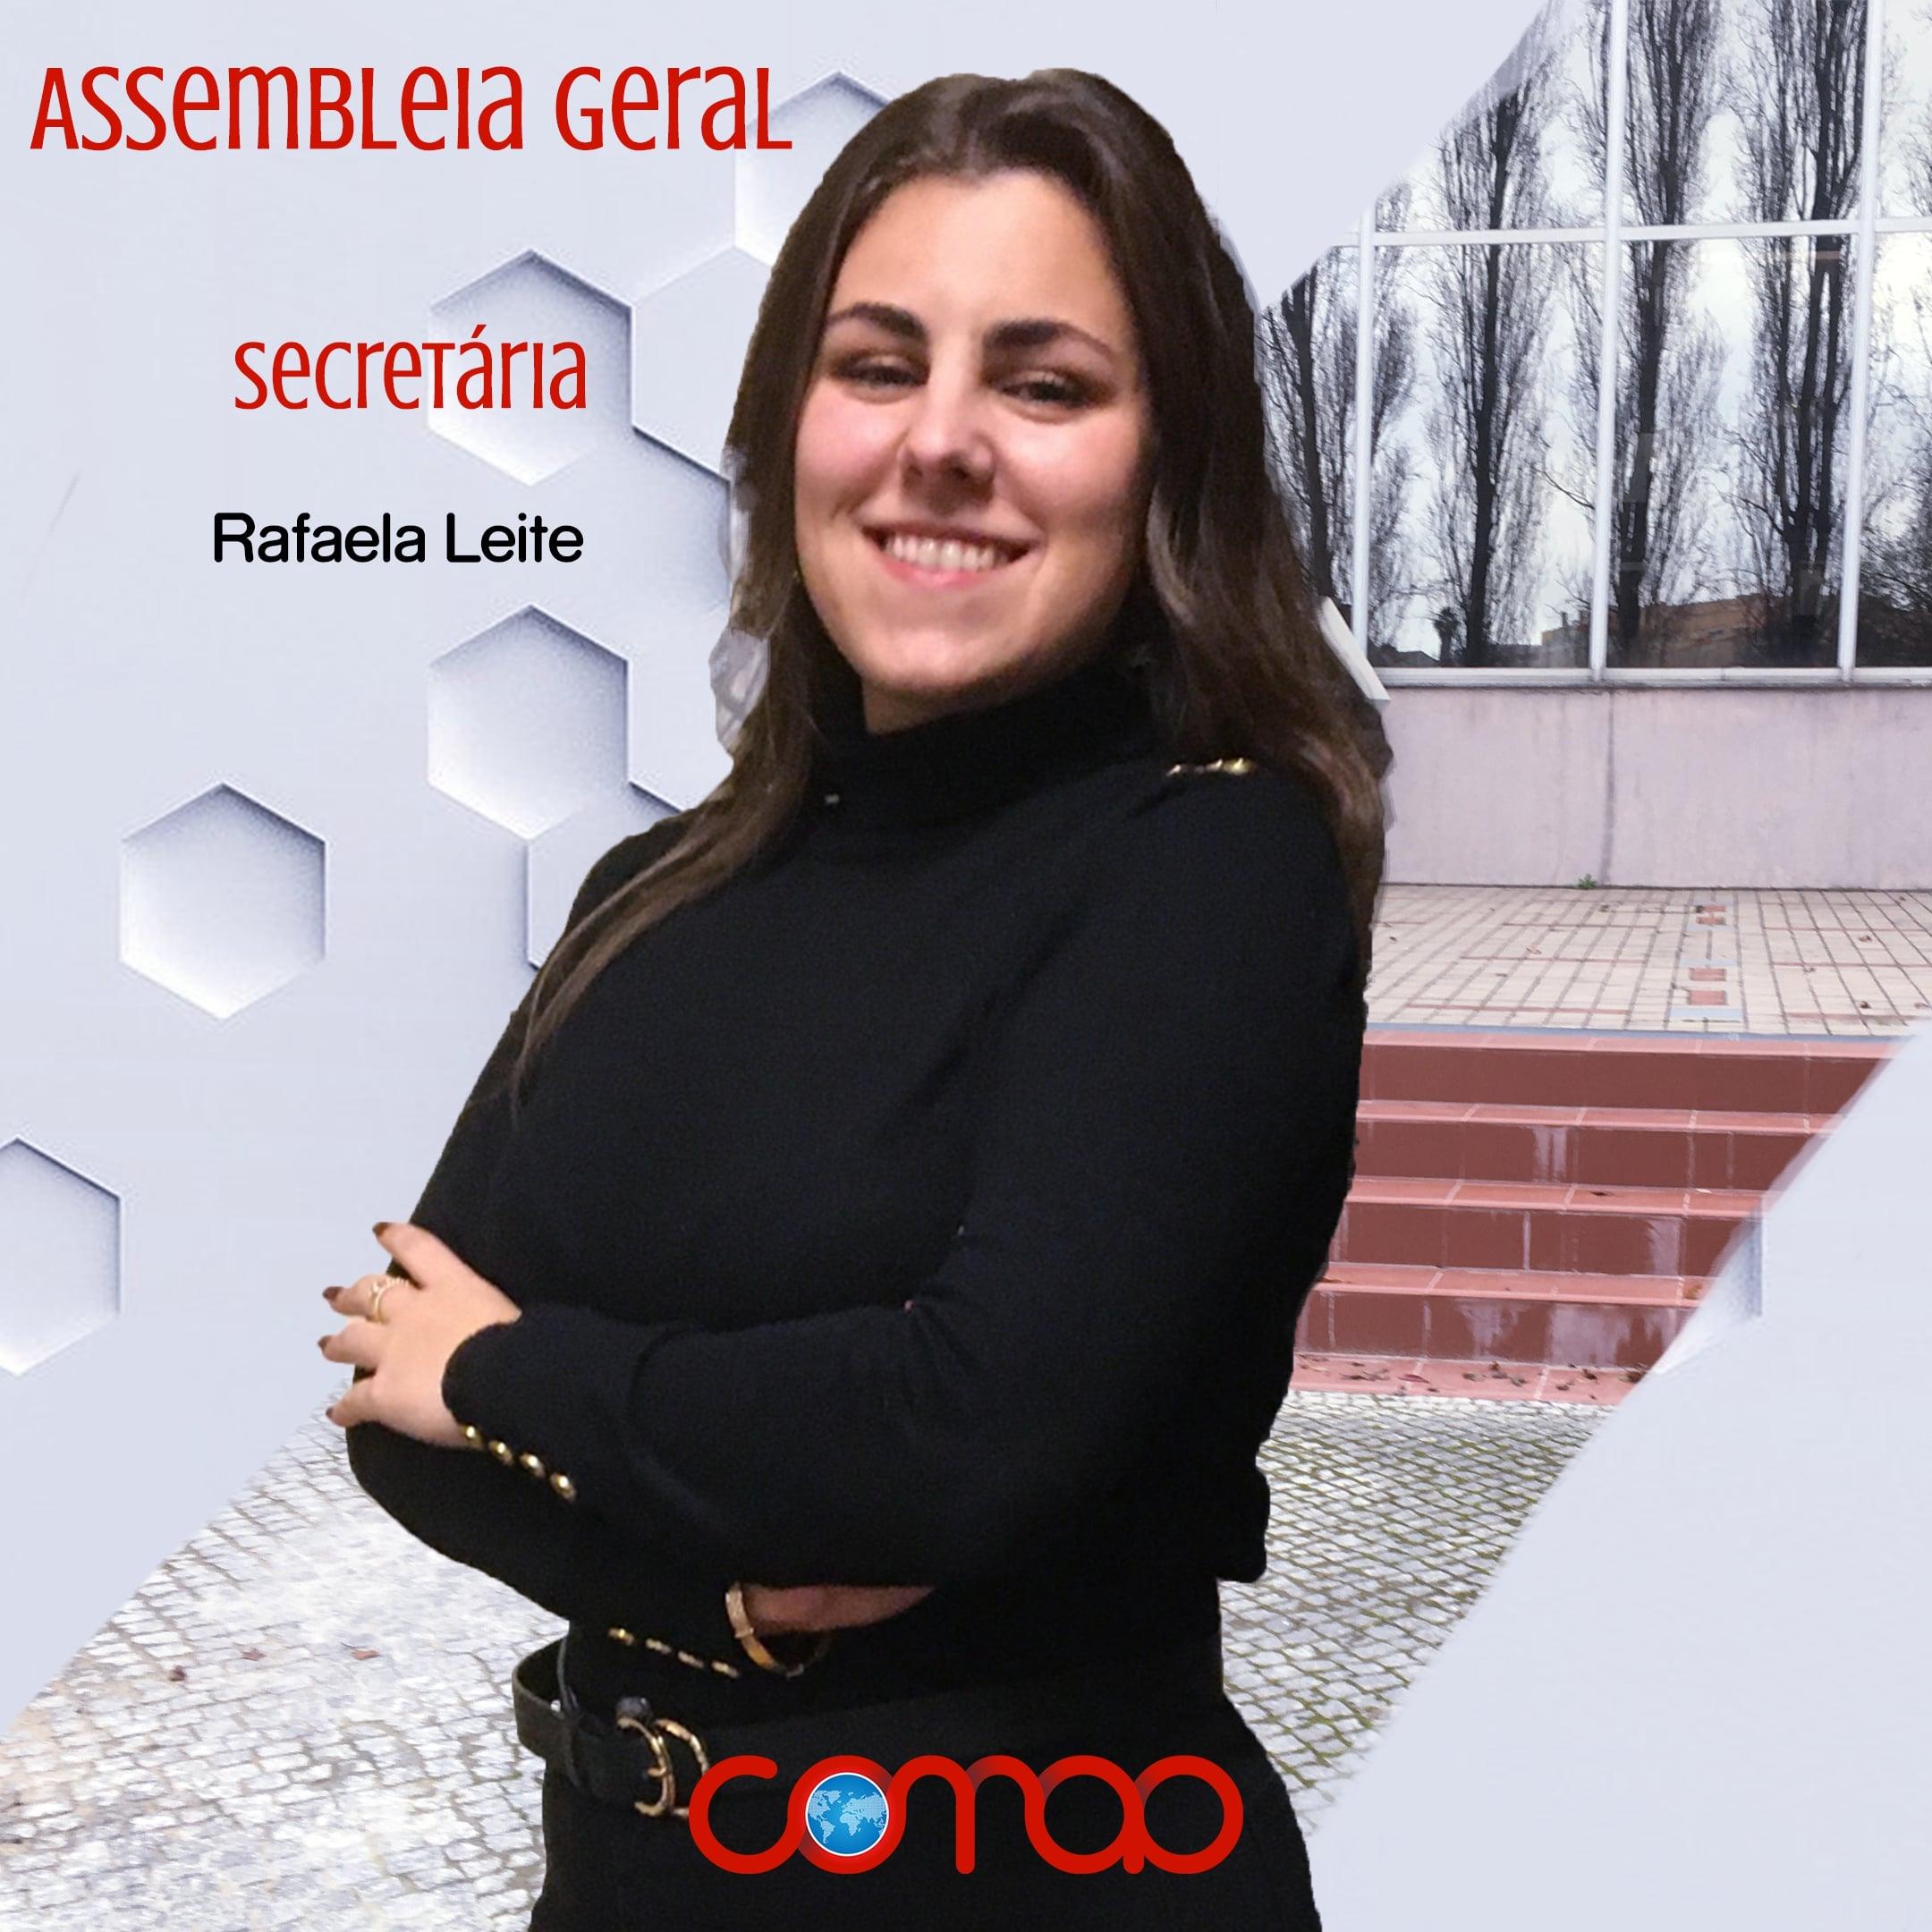 Rafaela Leite